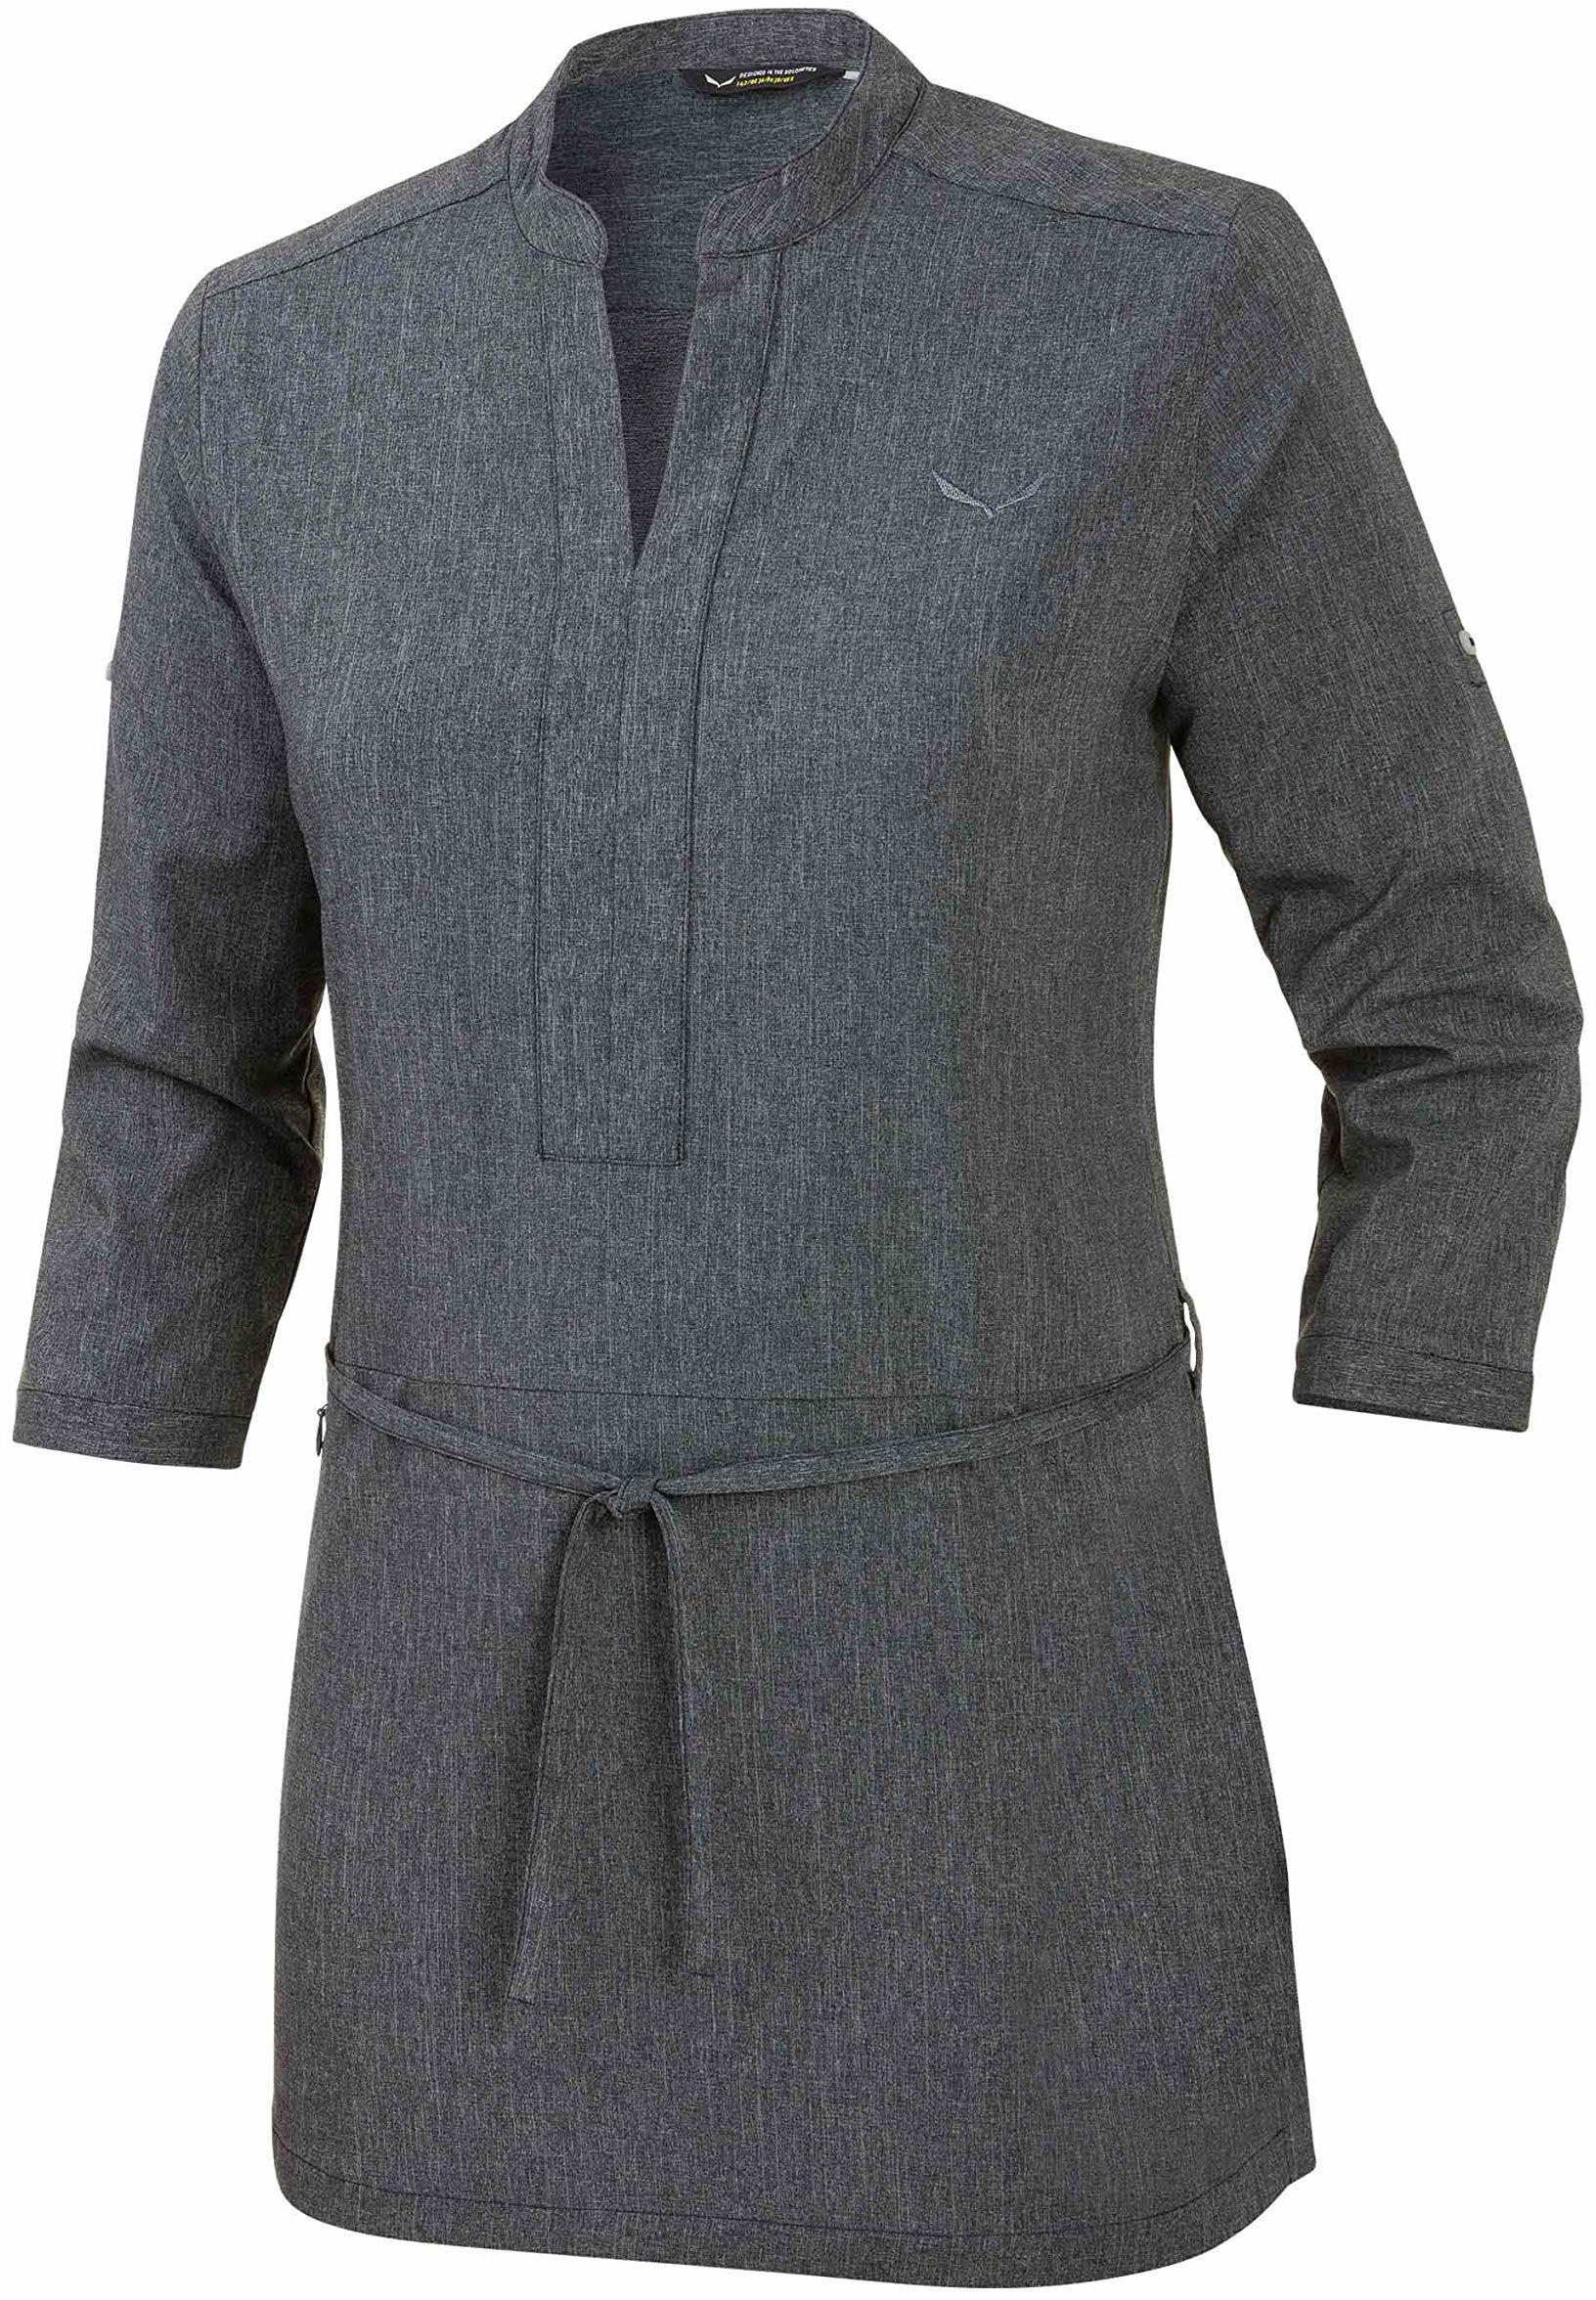 Salewa damska sukienka dla fanów Dst S/S sukienki koszulowe, kobiety, fanes sukienka Dst S/S koszula sukienka, ciemnoszary melanż